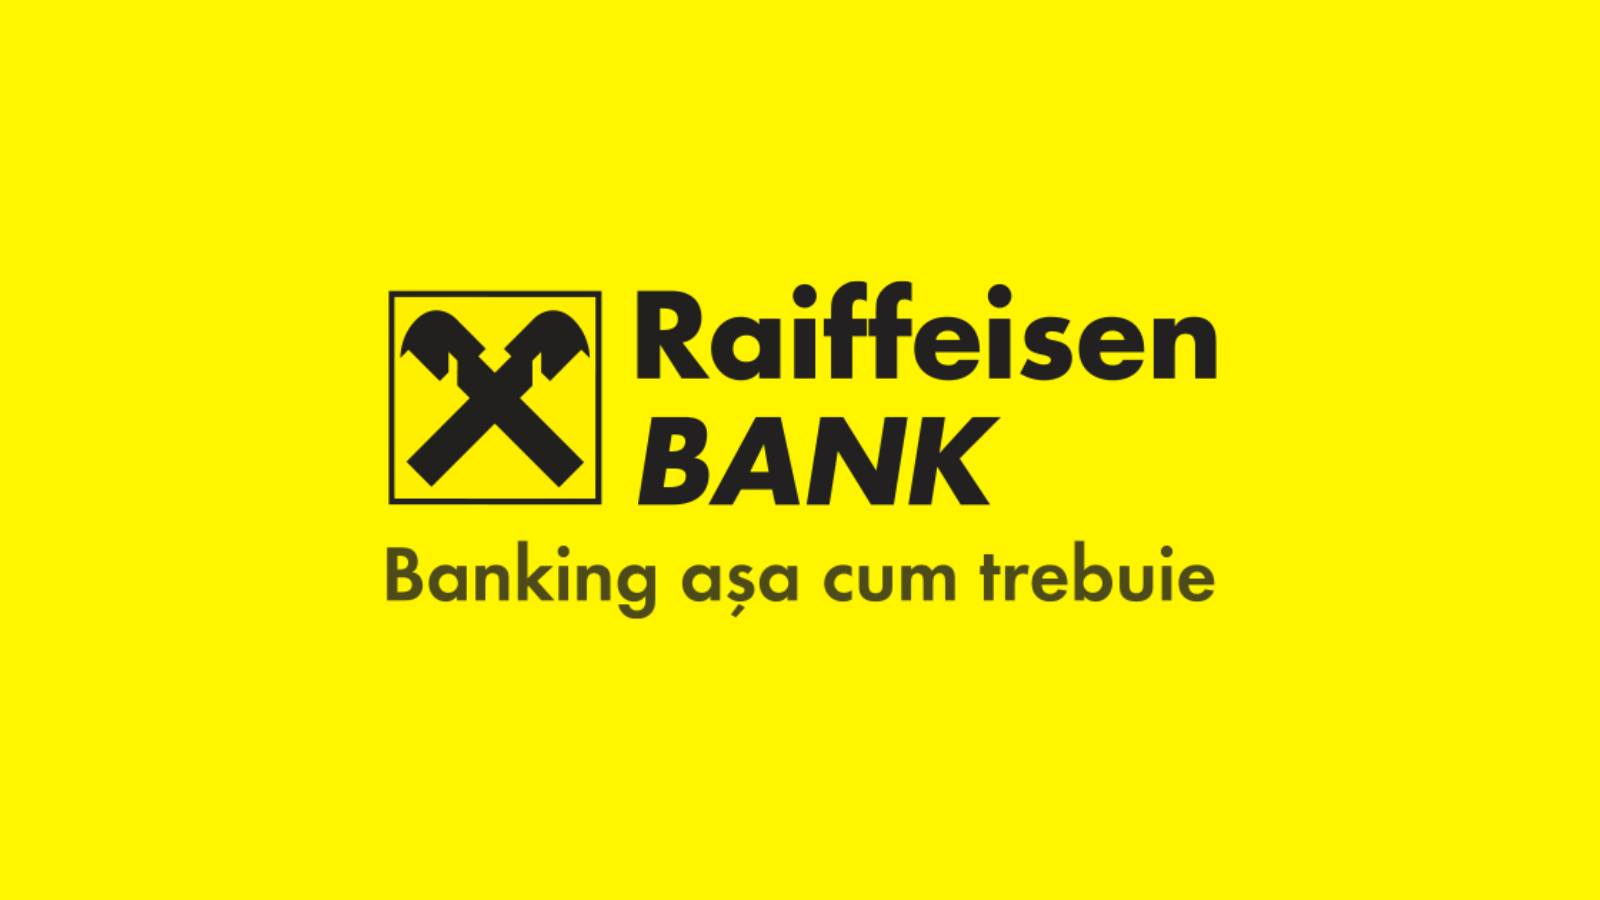 Raiffeisen Bank smart